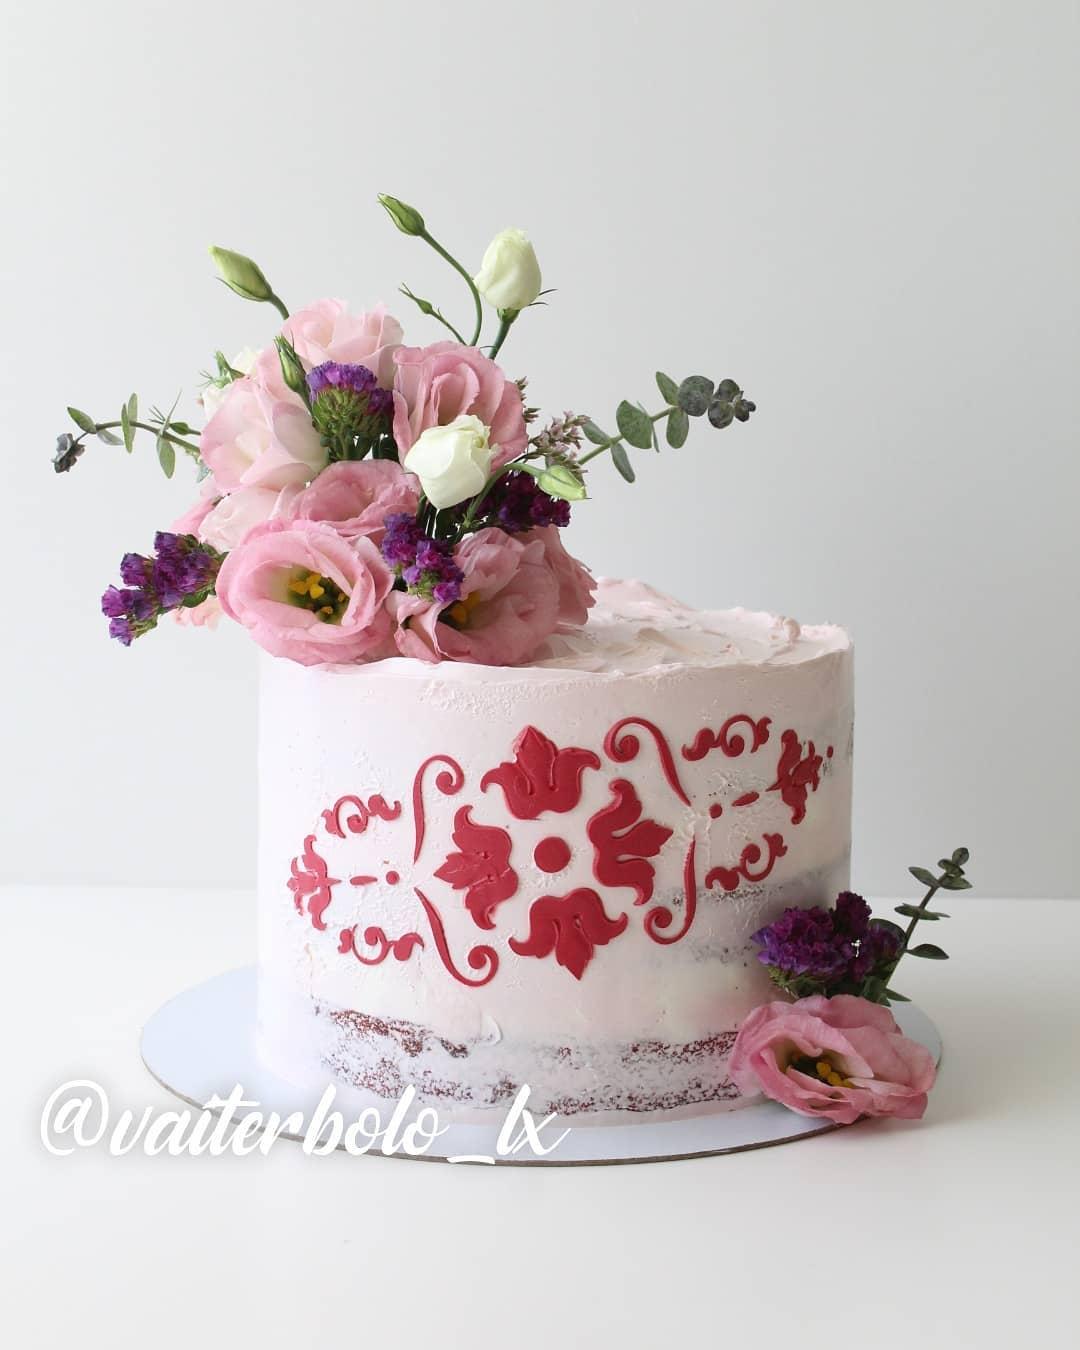 Vamos com essa beleza começar o final de semana... Tanto amor! ..#vaiterbolohoje #almada #bolodecorado #buttercreamcake #birthdaycake #vaiterbolo #vaiterbolosim #bolo #cake #lisboapontocome #cakeart #lisboafood #buttercream #cakedesign #lisboa #ilovelisboa #cakedecorating #vaiterbololindo